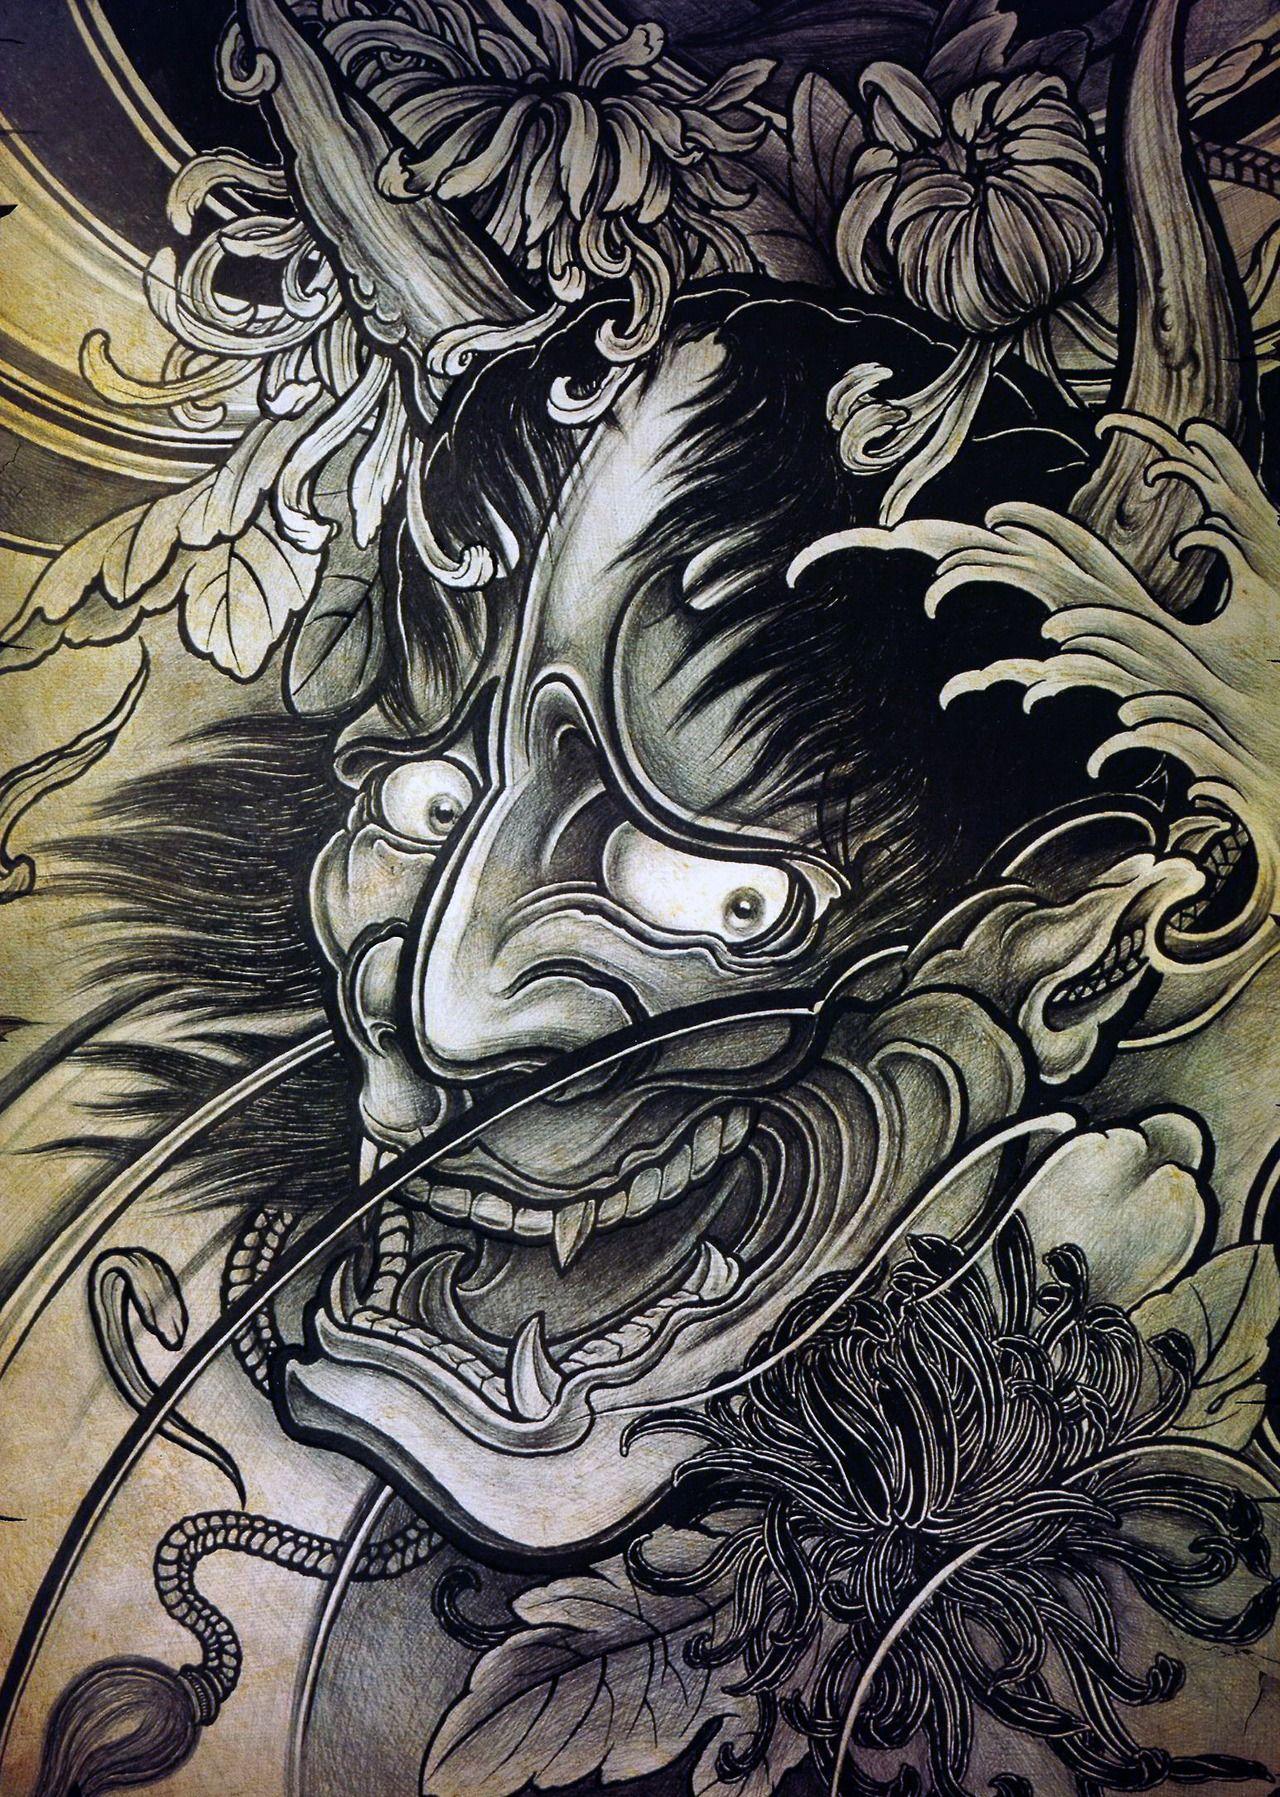 和彫り おしゃれまとめの人気アイデア Pinterest 裕基 小笠原 伝統的な日本の入れ墨 腕の刺青 タトゥーのイラスト